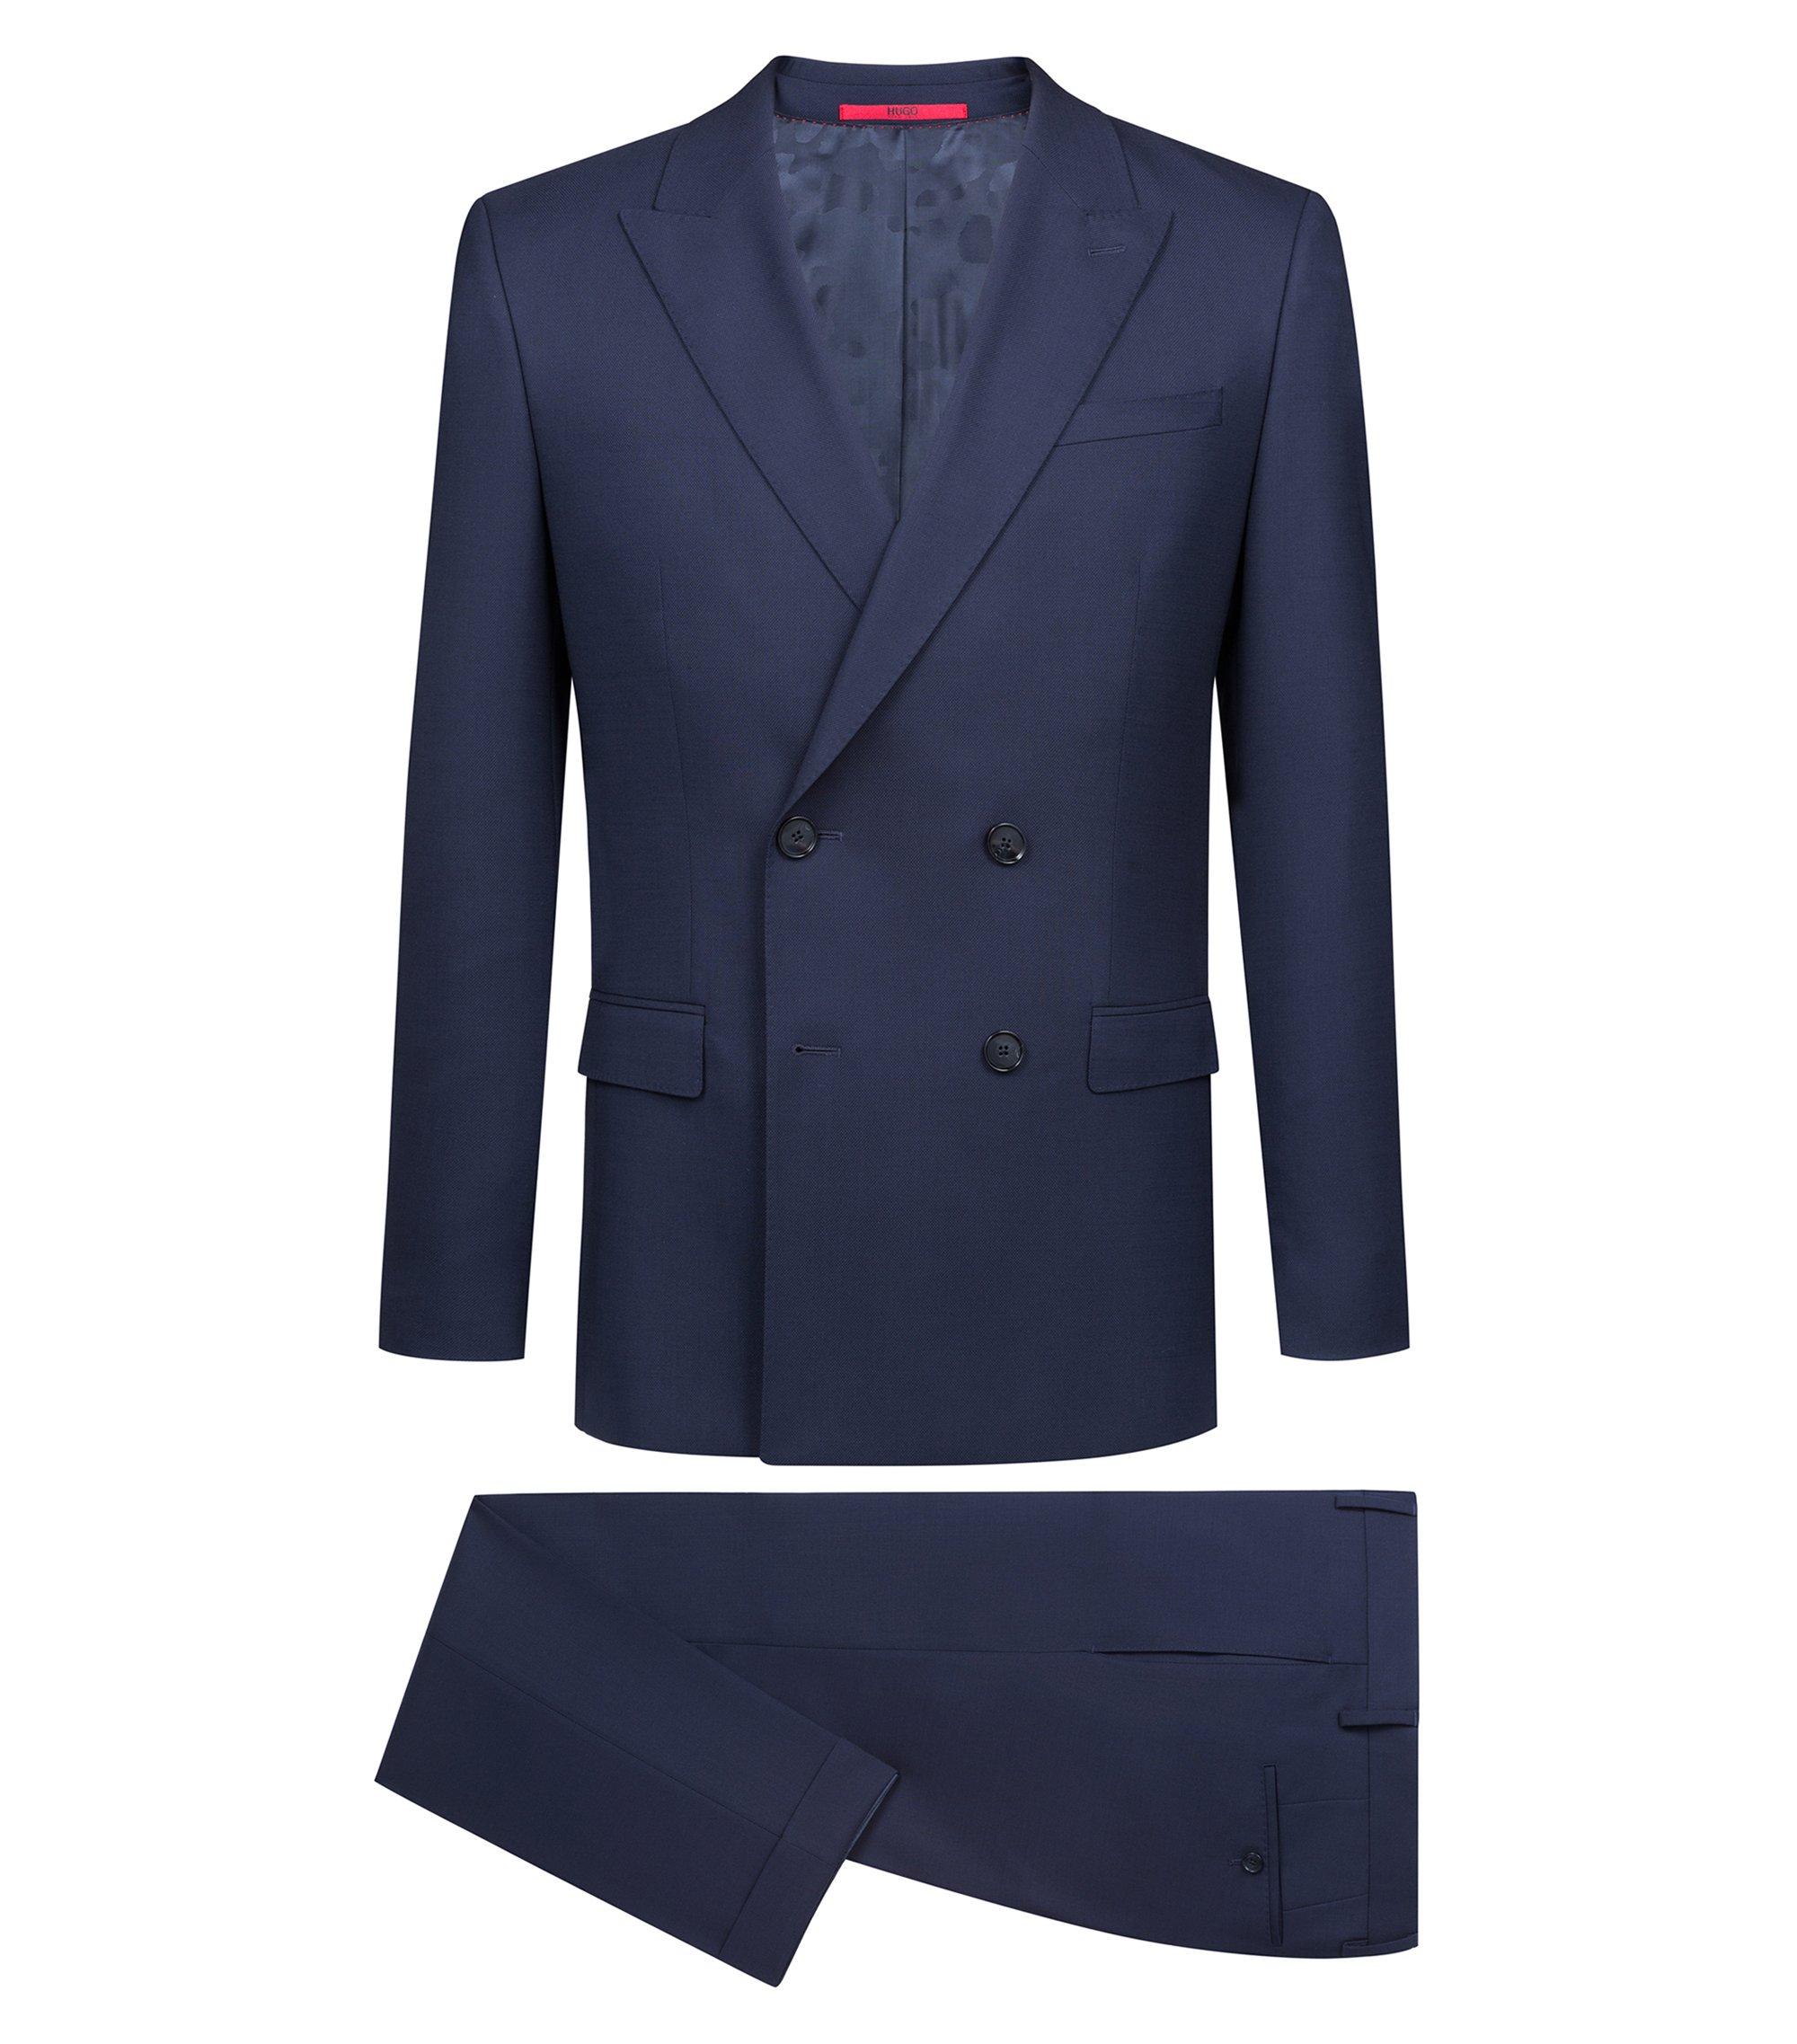 Zweireihiger Slim-Fit Anzug aus italienischer Schurwolle, Dunkelblau